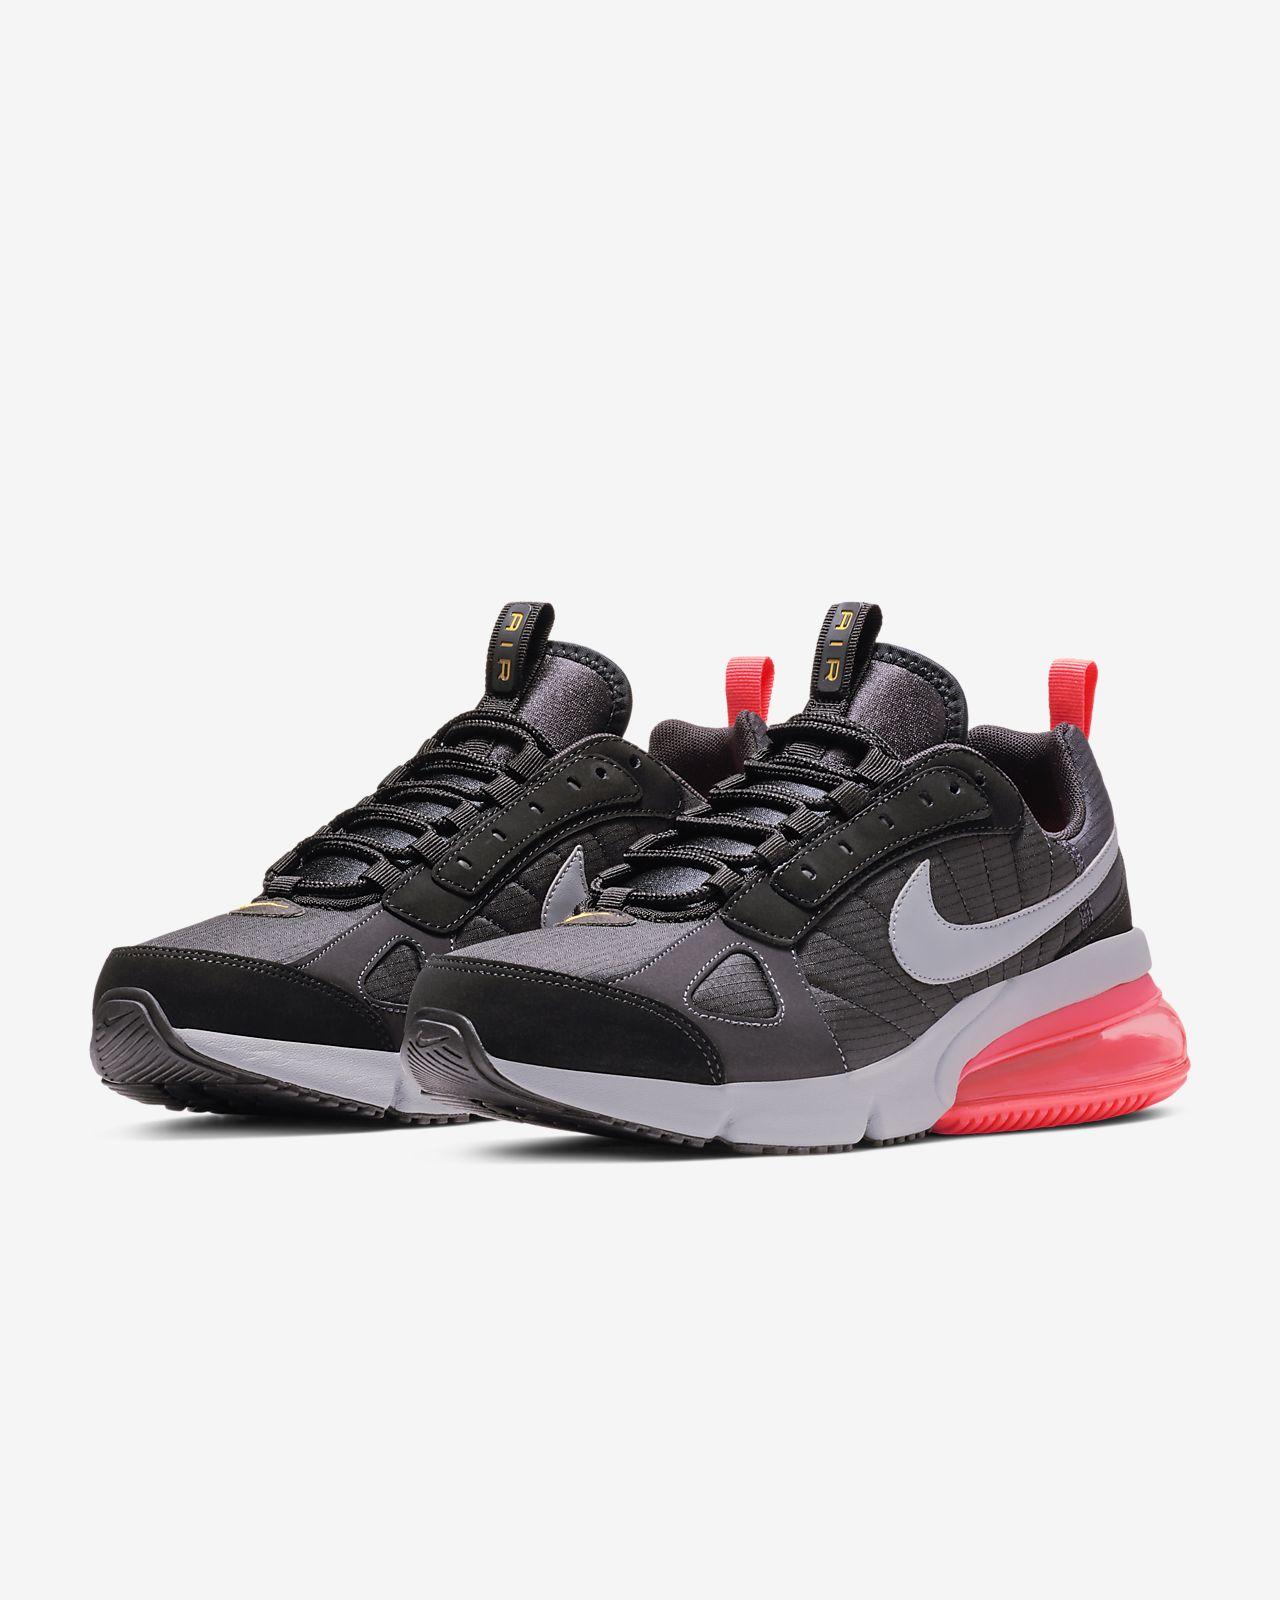 887a94642b Chaussure Nike Air Max 270 Futura pour Homme. Nike.com CA